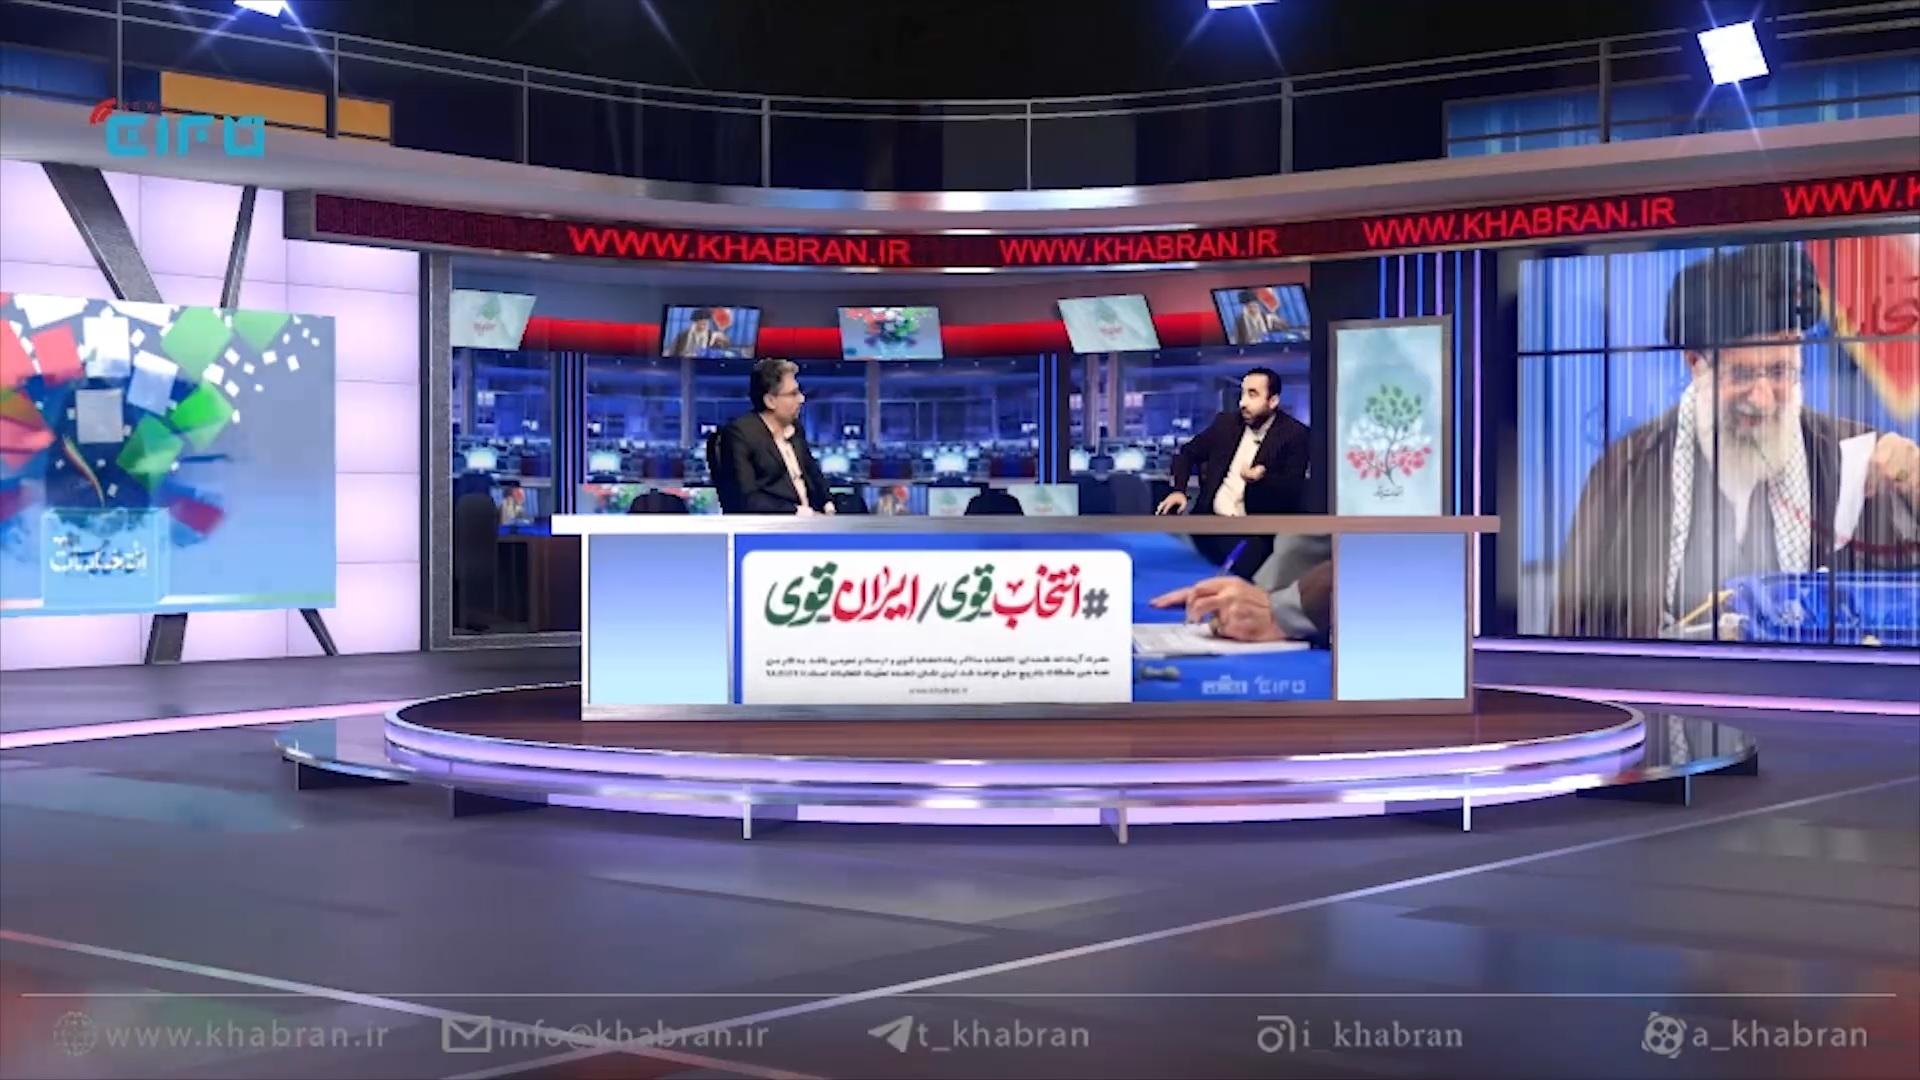 آگاه | قسمت سوم – گفتگو با سیدجاسم موسوی،کاندیدای ششمین دوره انتخابات شورای شهر رامشیر